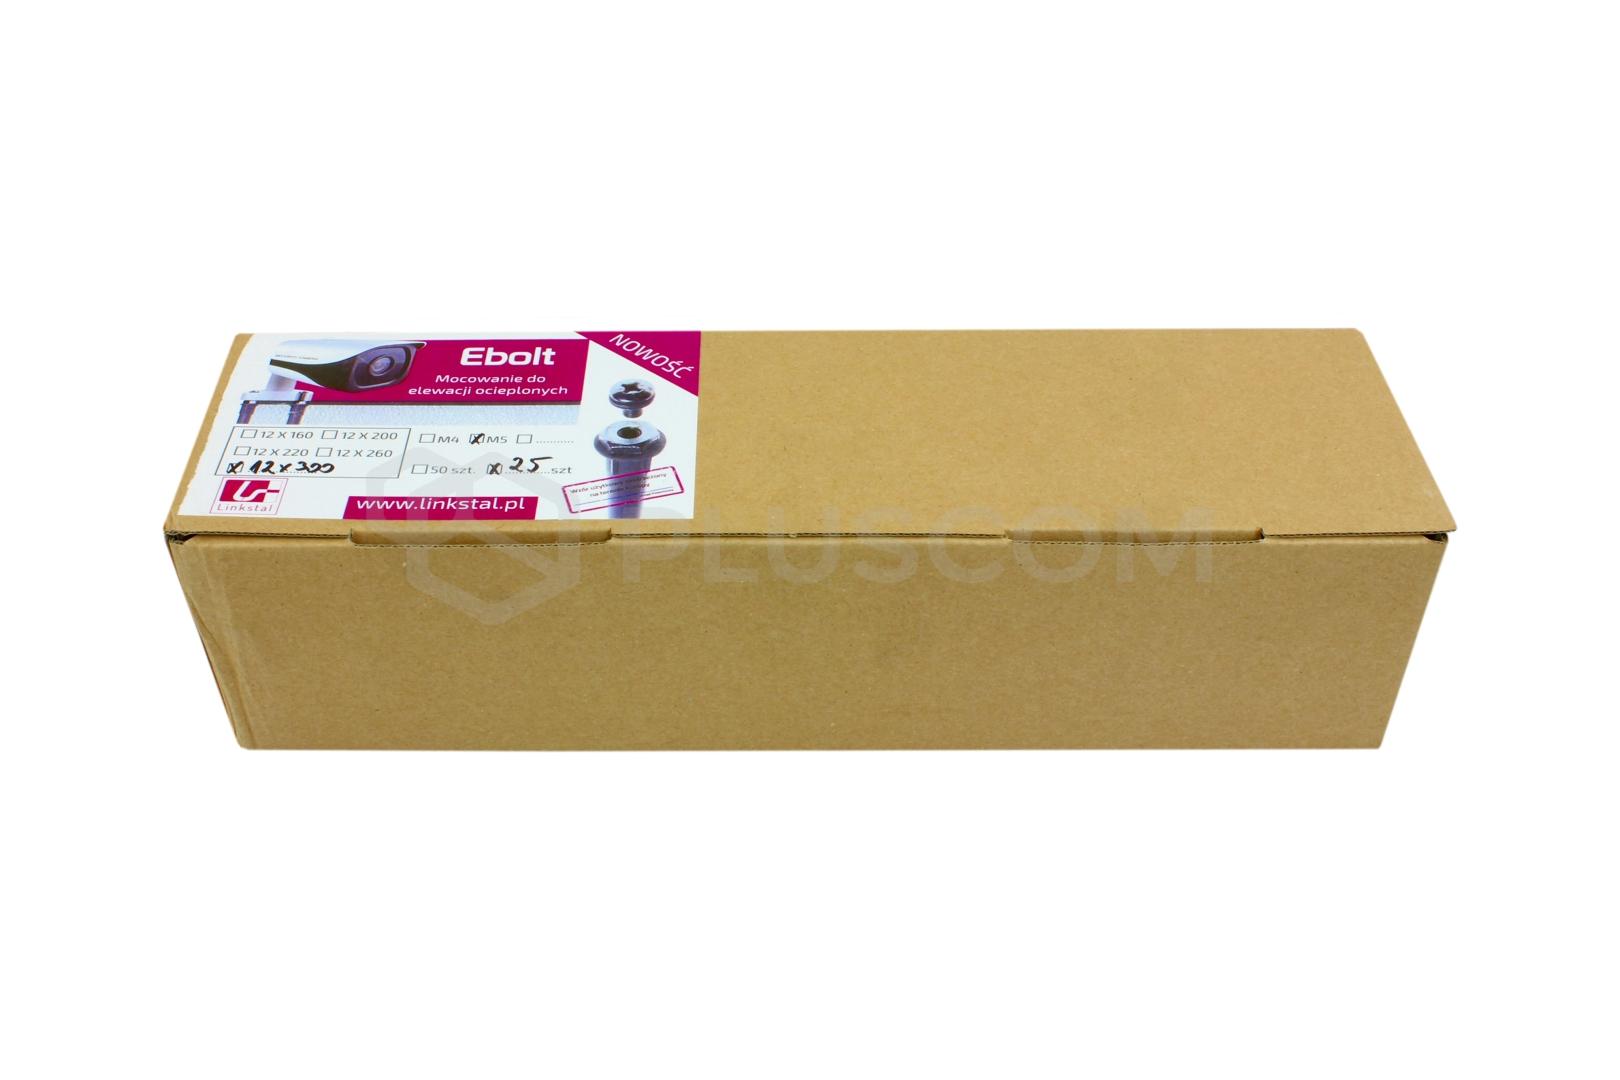 Ebolt 12x300 With Internal Thread M5